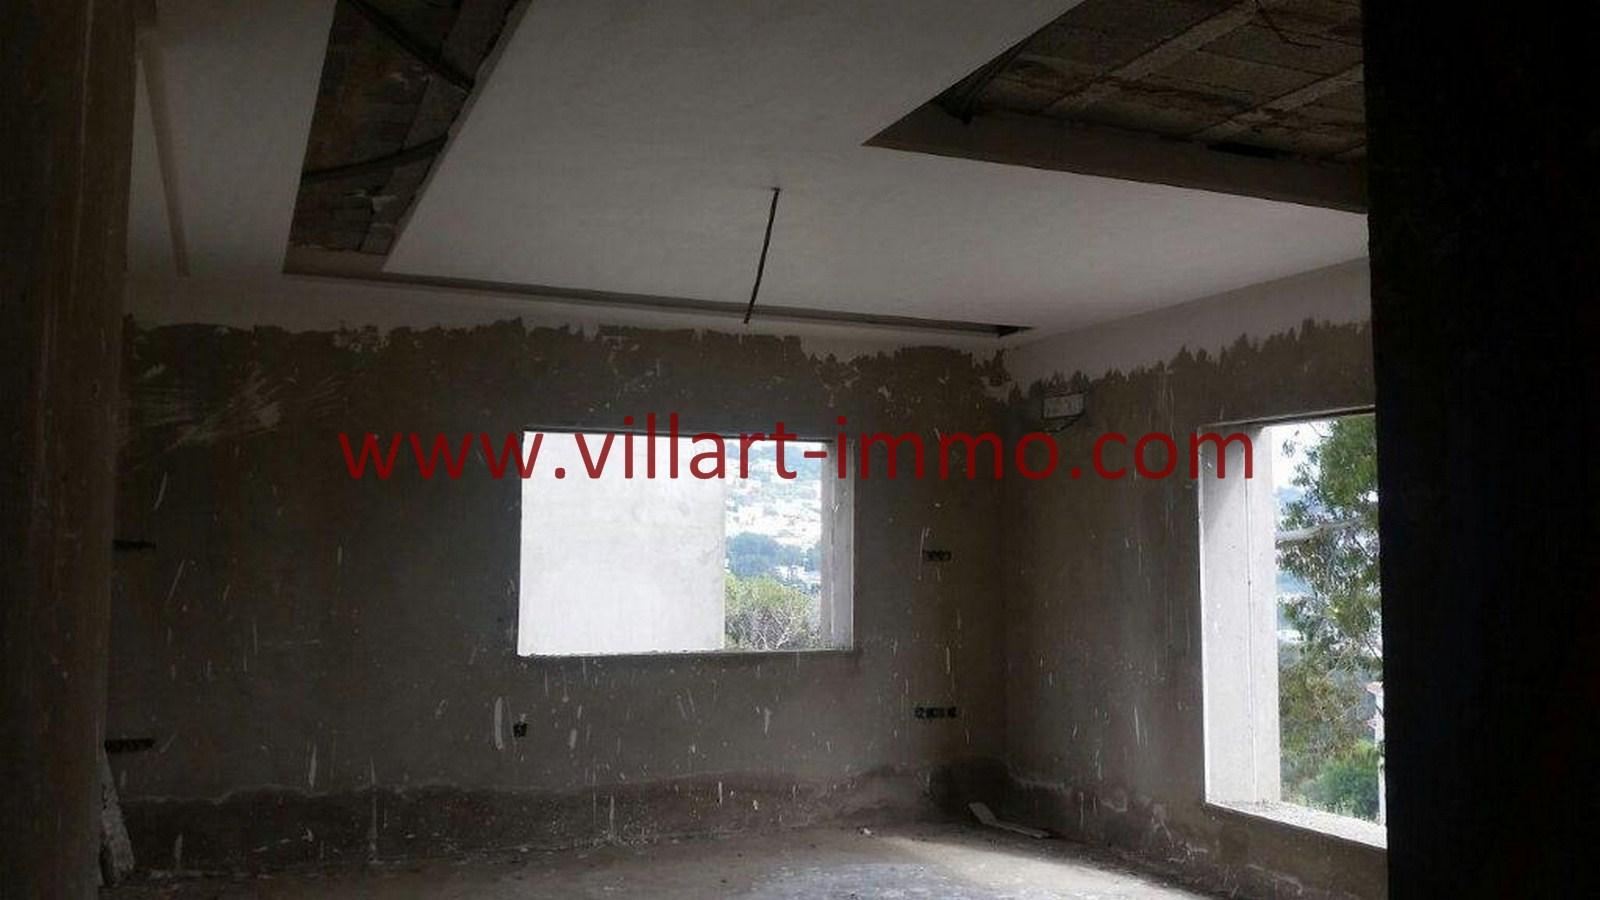 3-Vente-Villa-Tanger-Moujahidin-Chambre a Coucher 1-VV495-Villart Immo